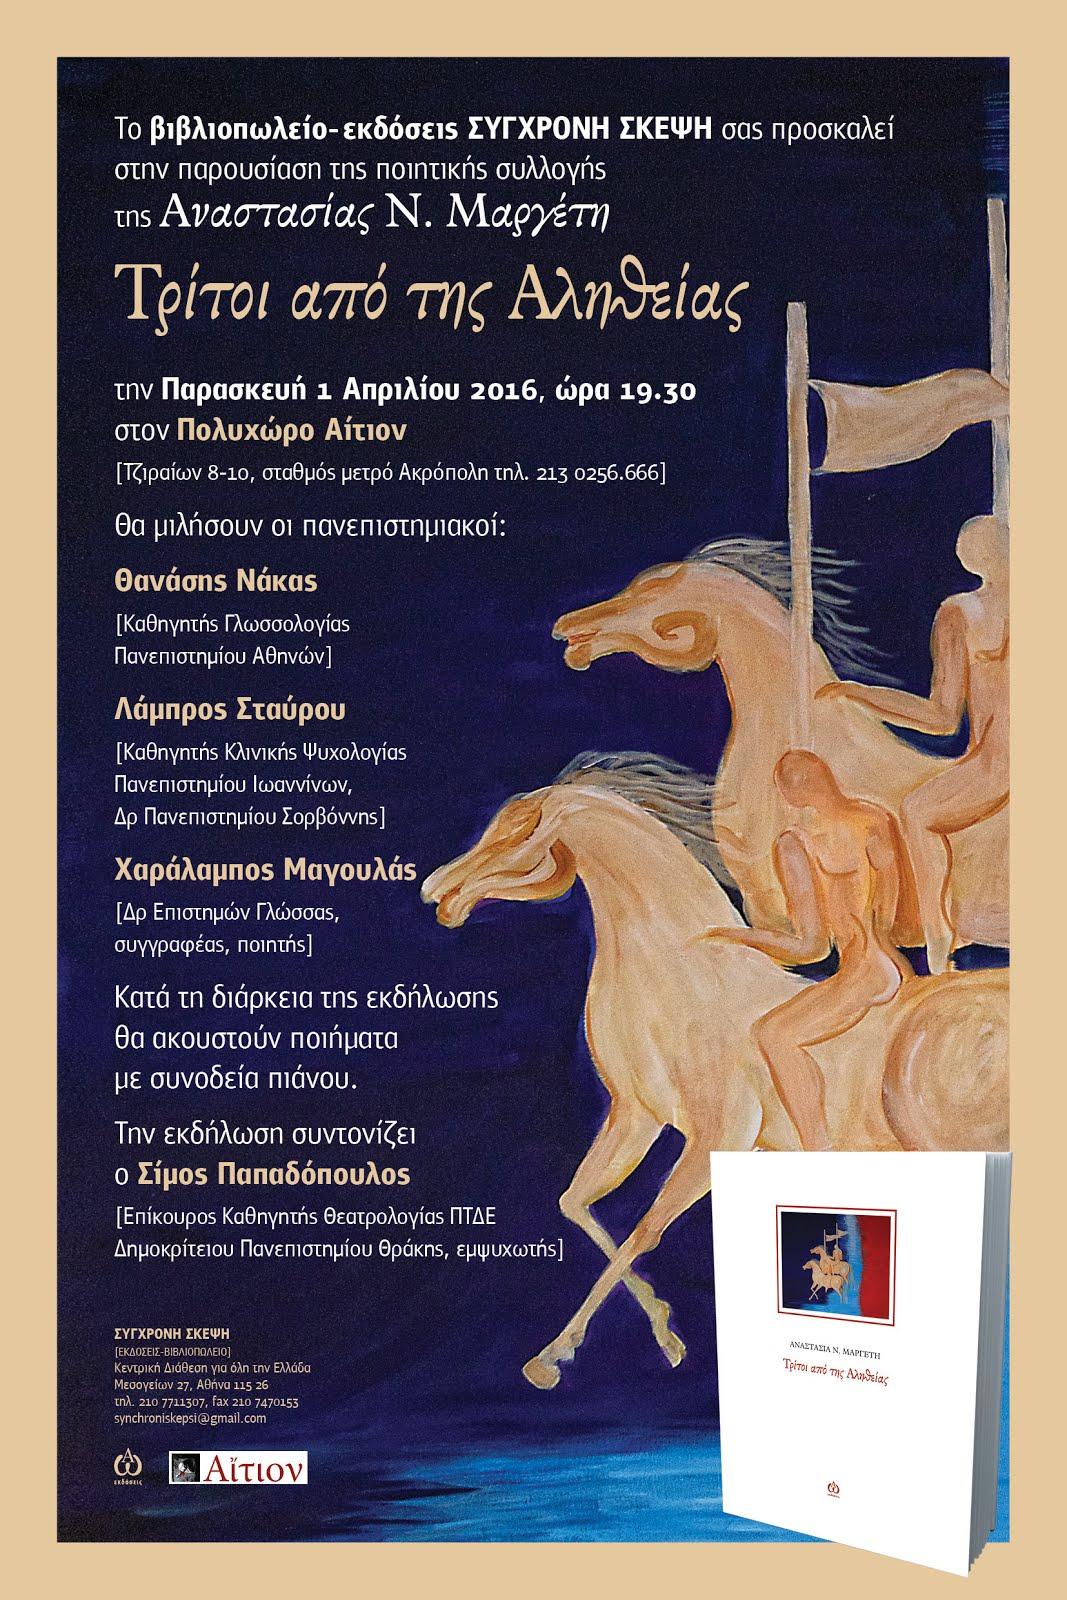 ΑΦΙΣΑ 1ης Βιβλιοπαρουσίασης στο 'Αίτιον' (1-4-2016).